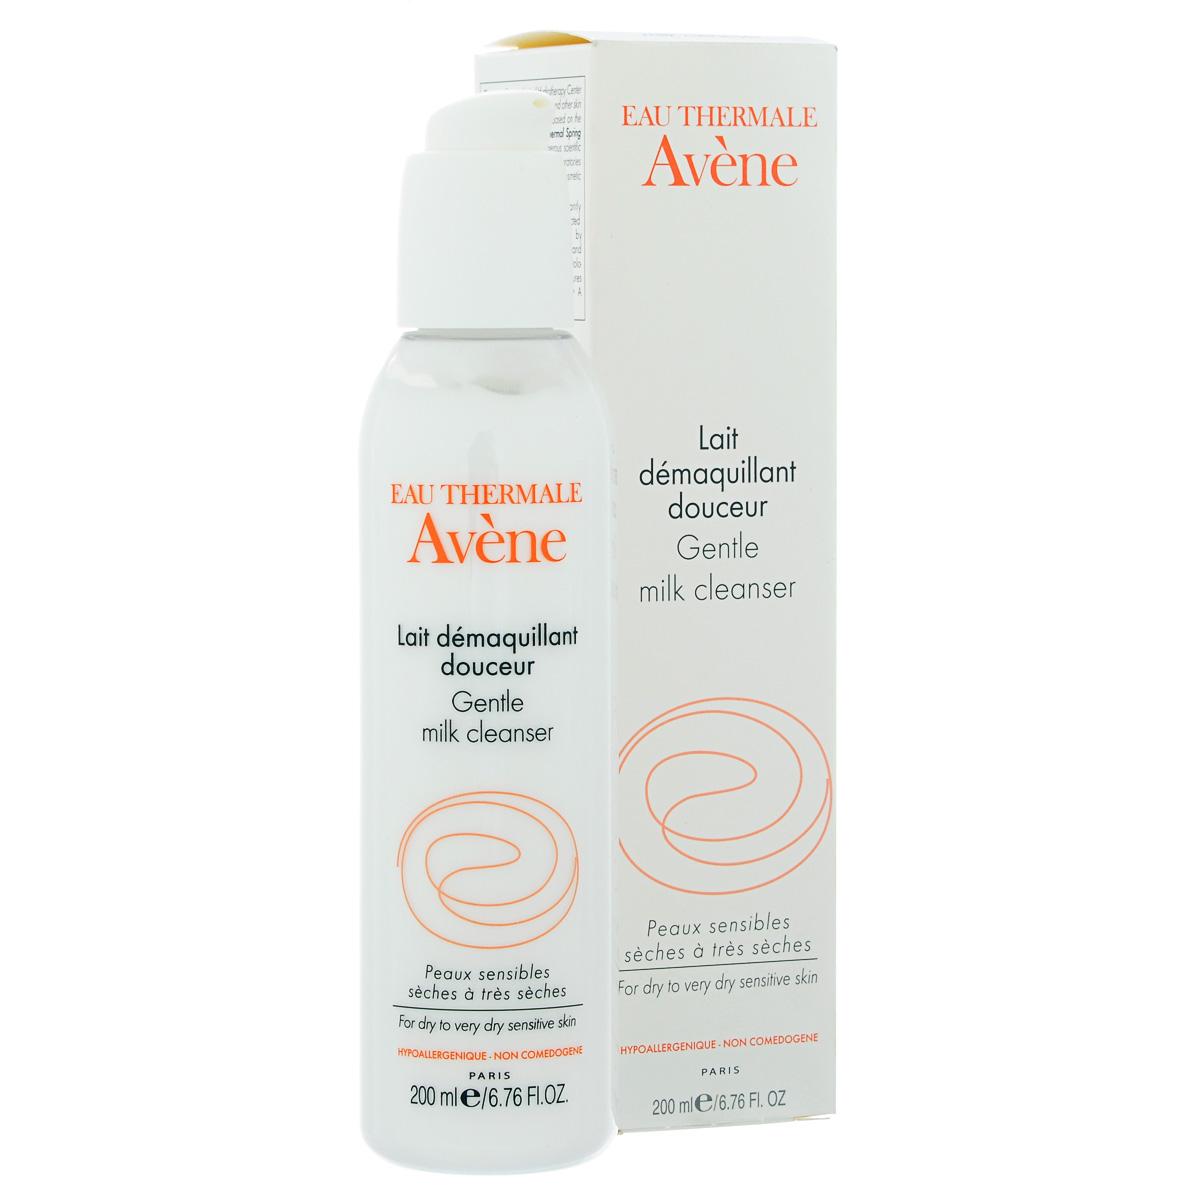 Avene Мягкое очищающее молочко Sensibles 200 млC05151Эффективно удаляет макияж и загрязнения с лица, глаз и губ придает коже мягкость и эластичность. Подходит для снятия макияжа для сухой и очень сухой чувствительной кожи